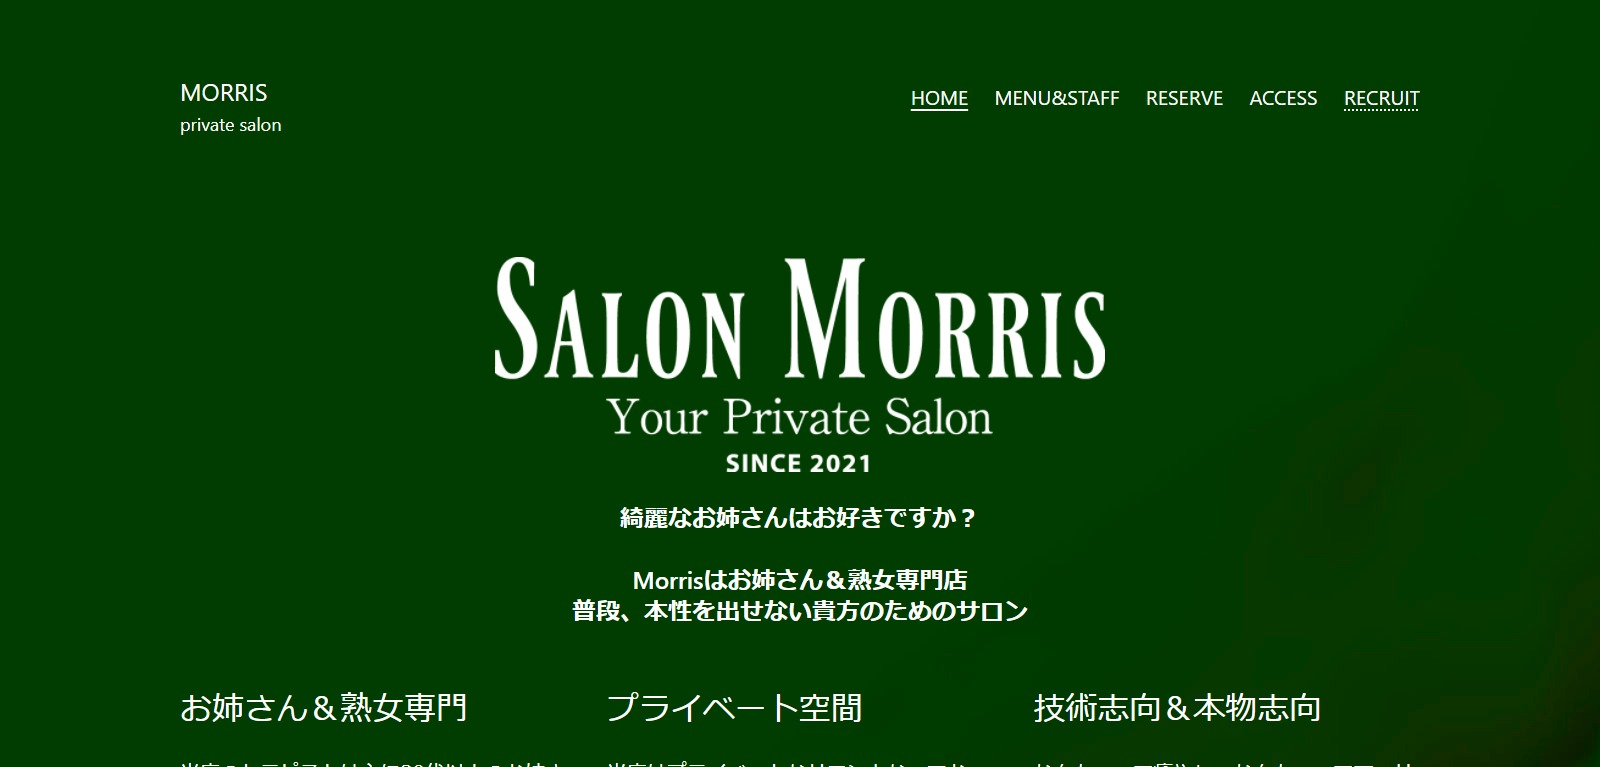 モリス~Morris~